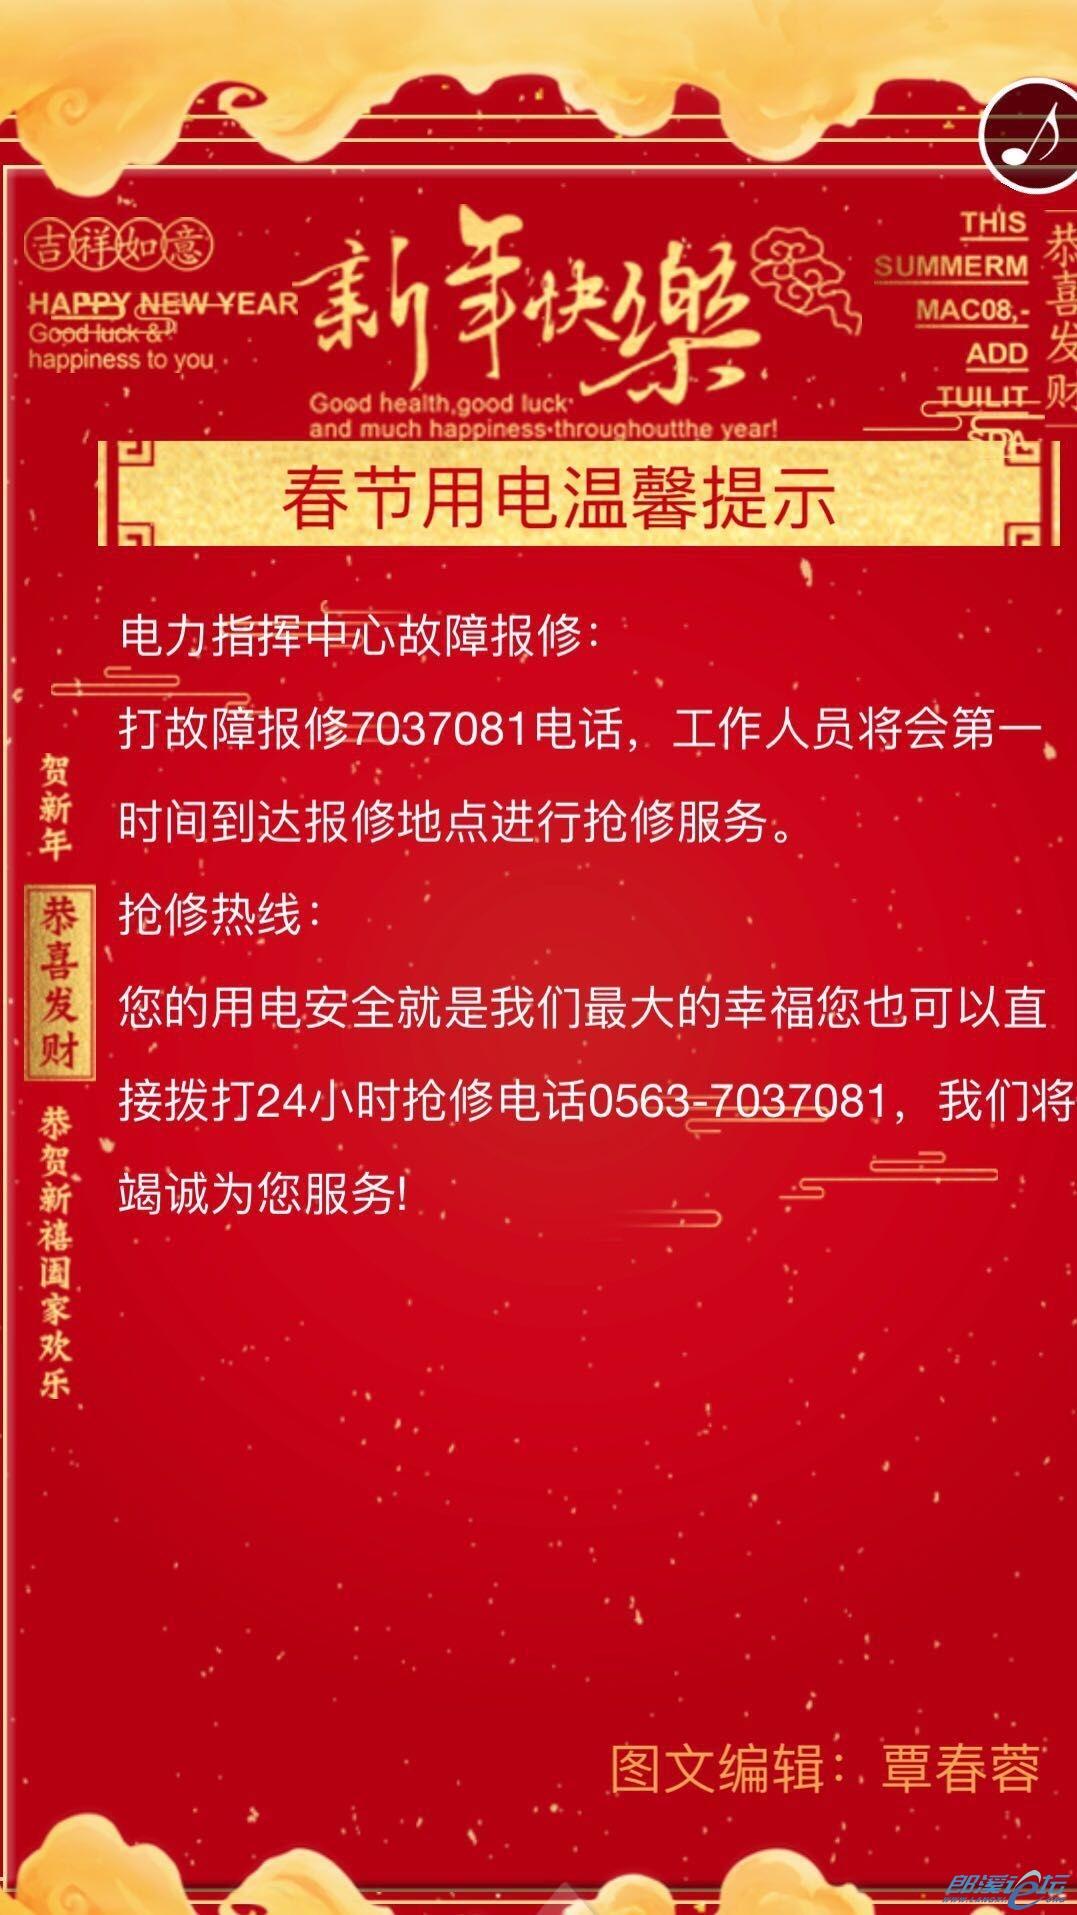 春节用电温馨提醒1.jpg